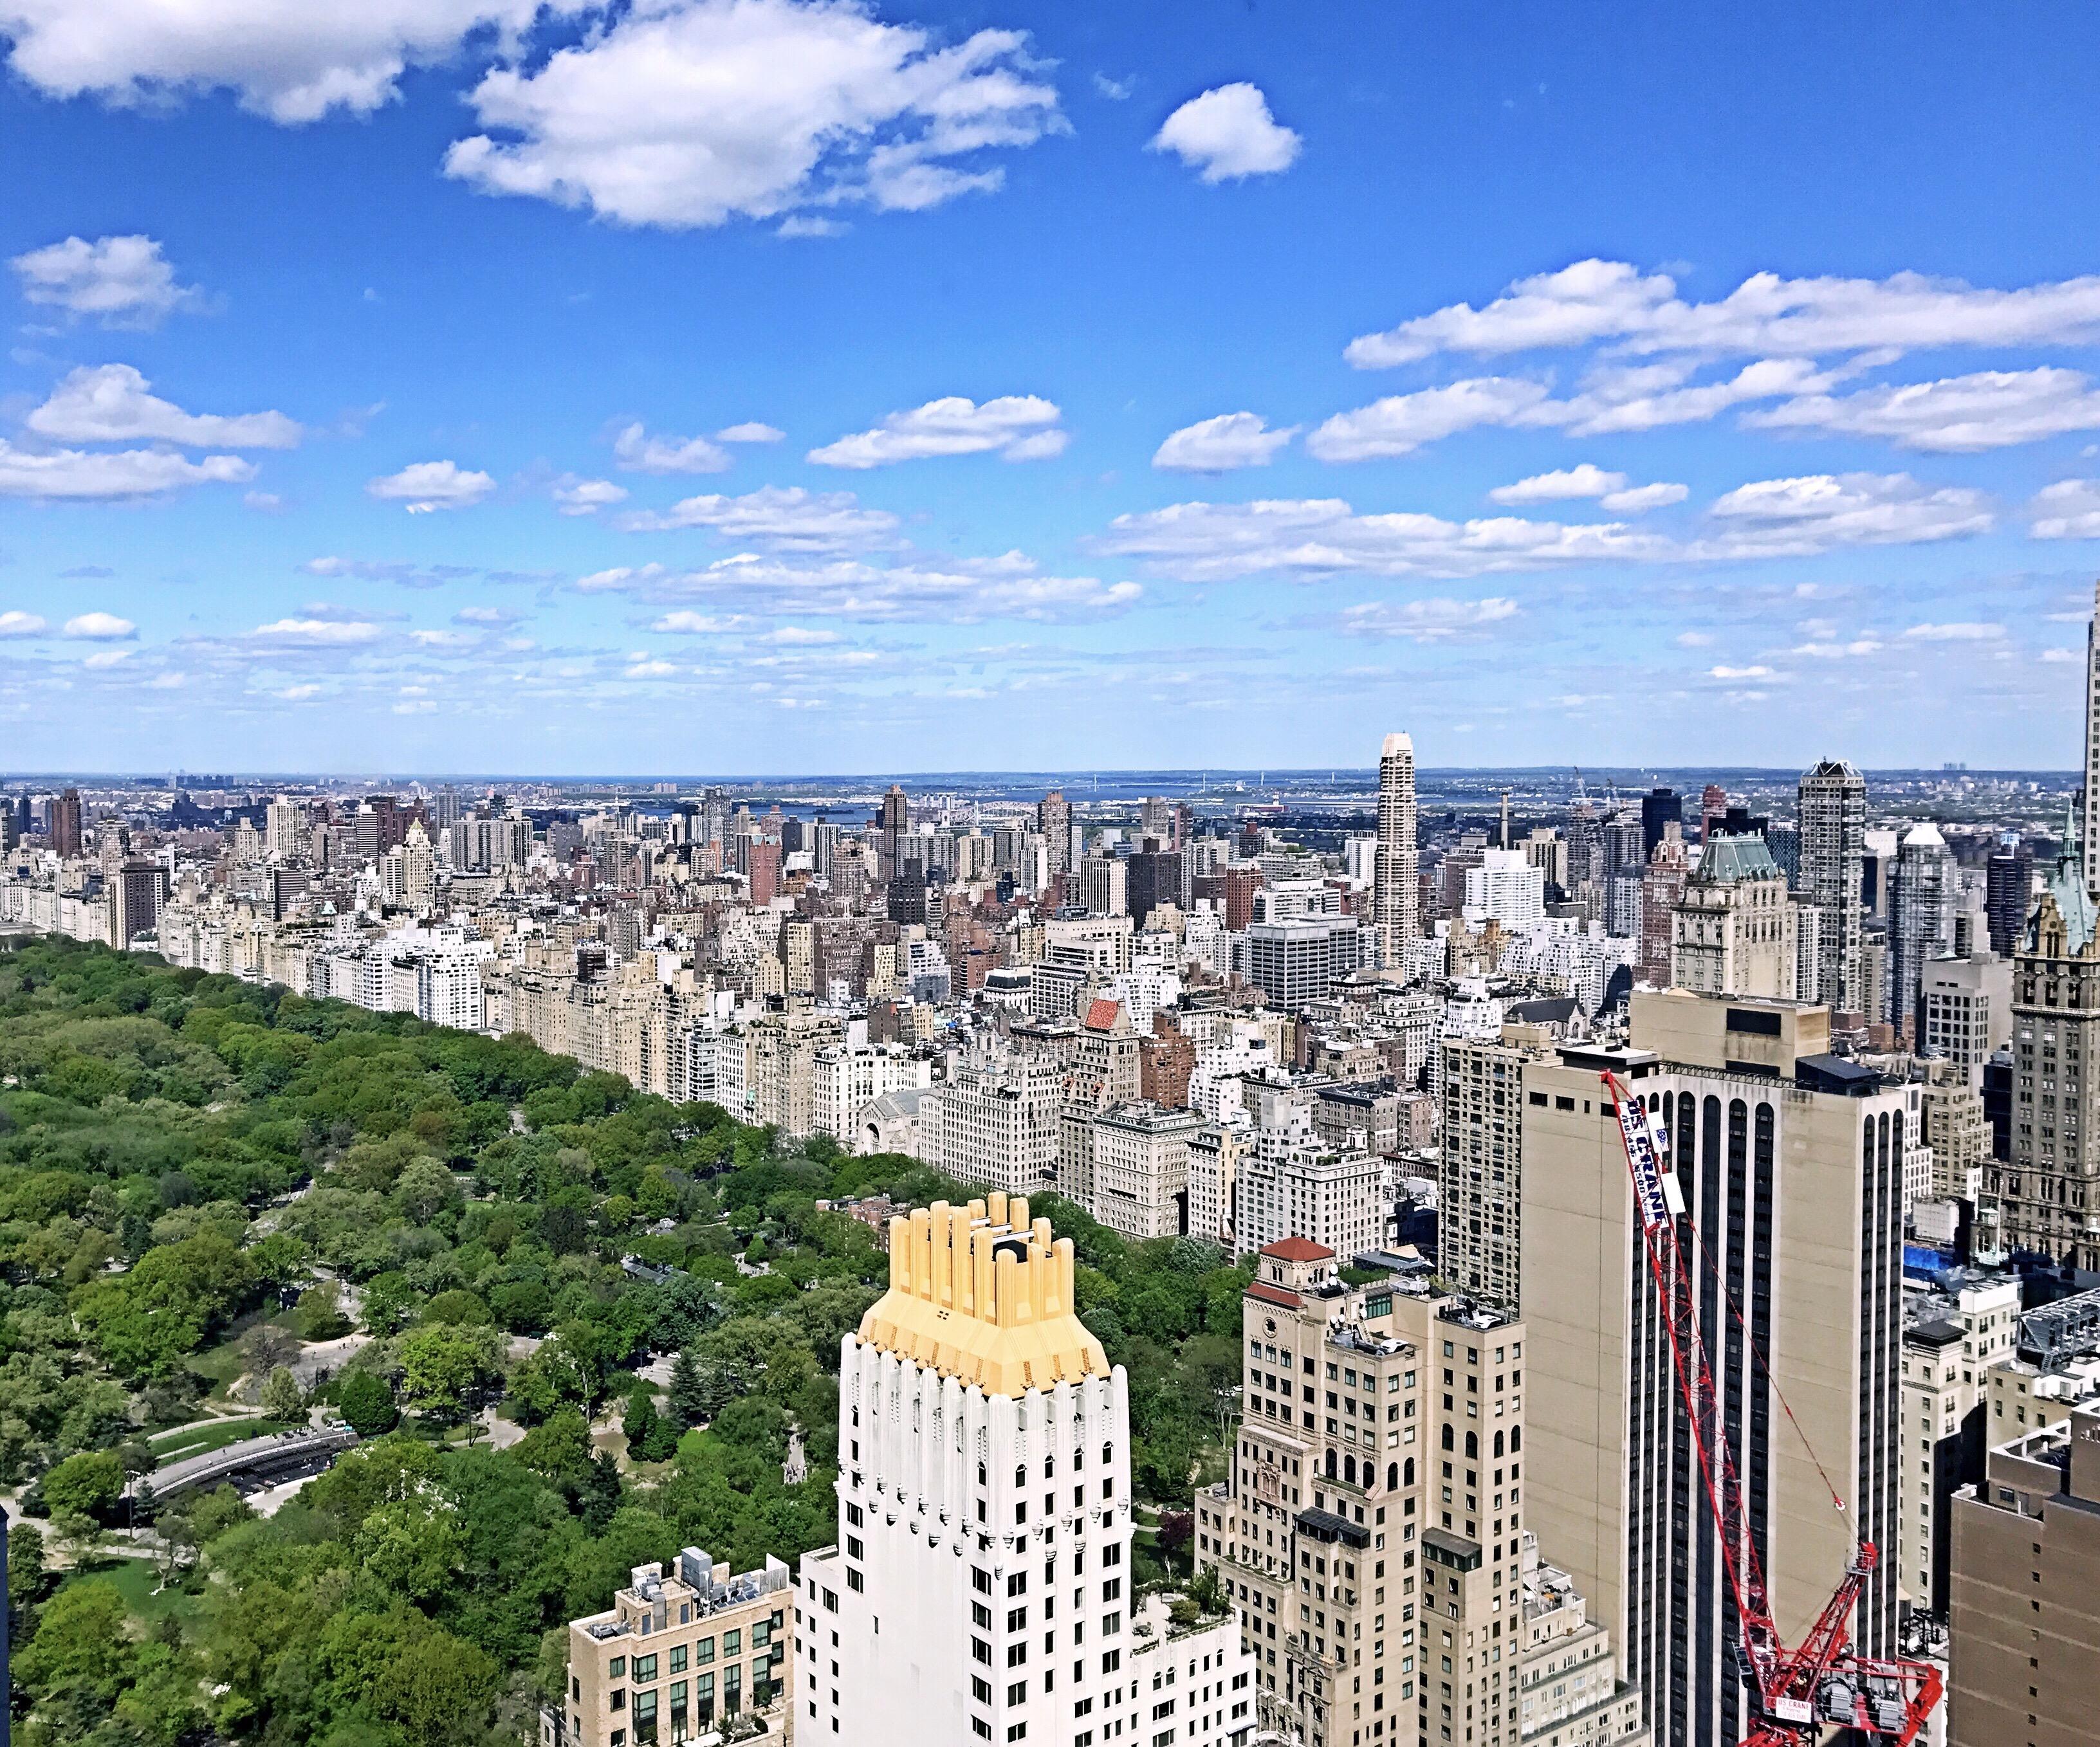 《天堂曼哈顿》 4月摄于曼哈顿之巅